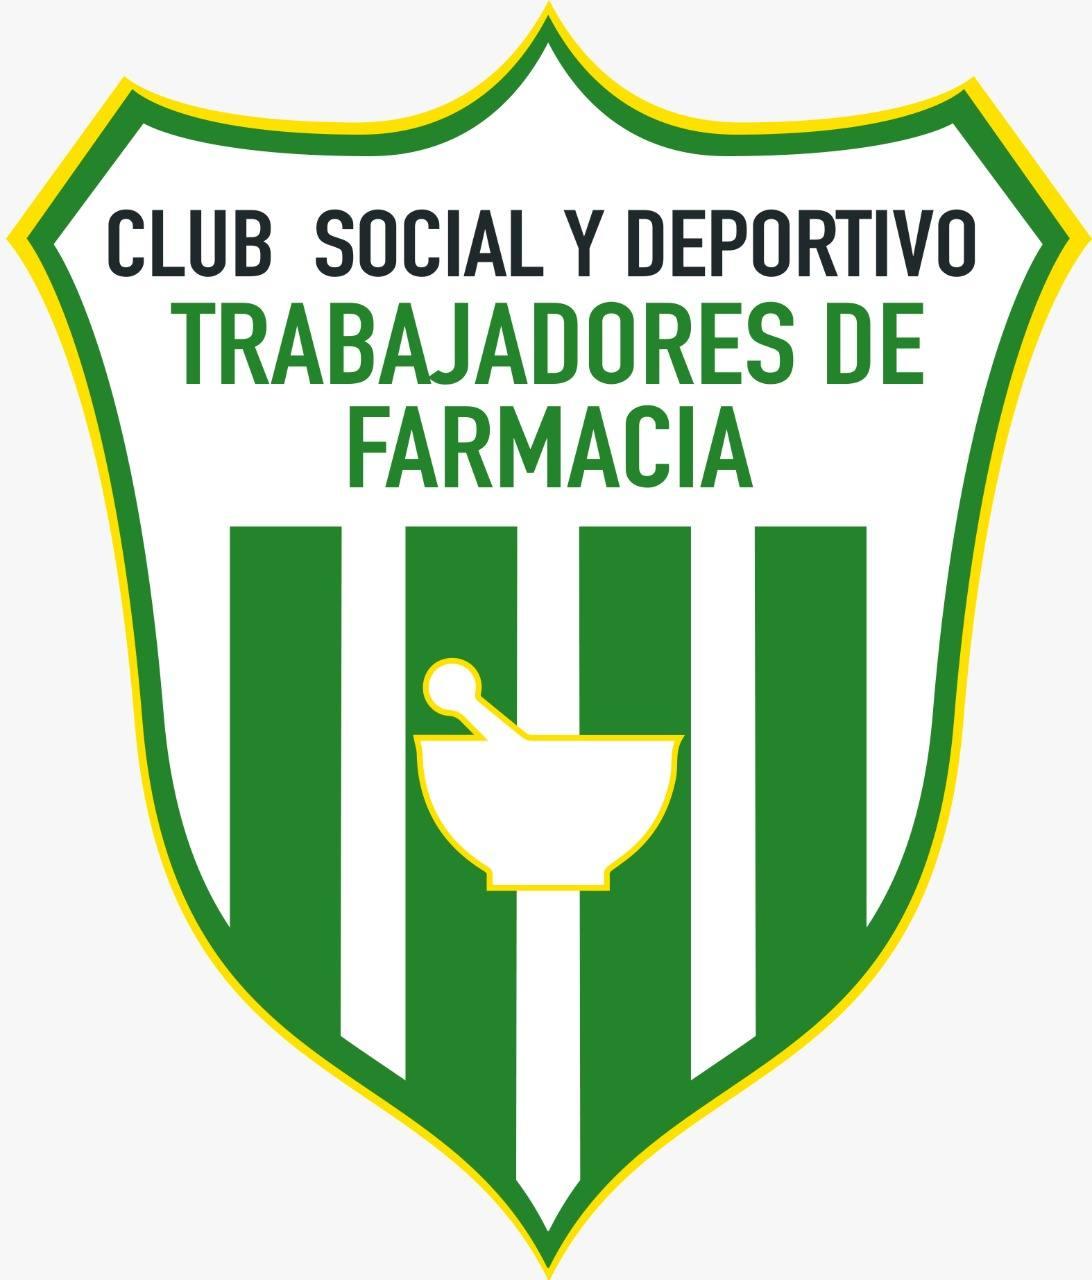 Club Trabajadores de Farmacia